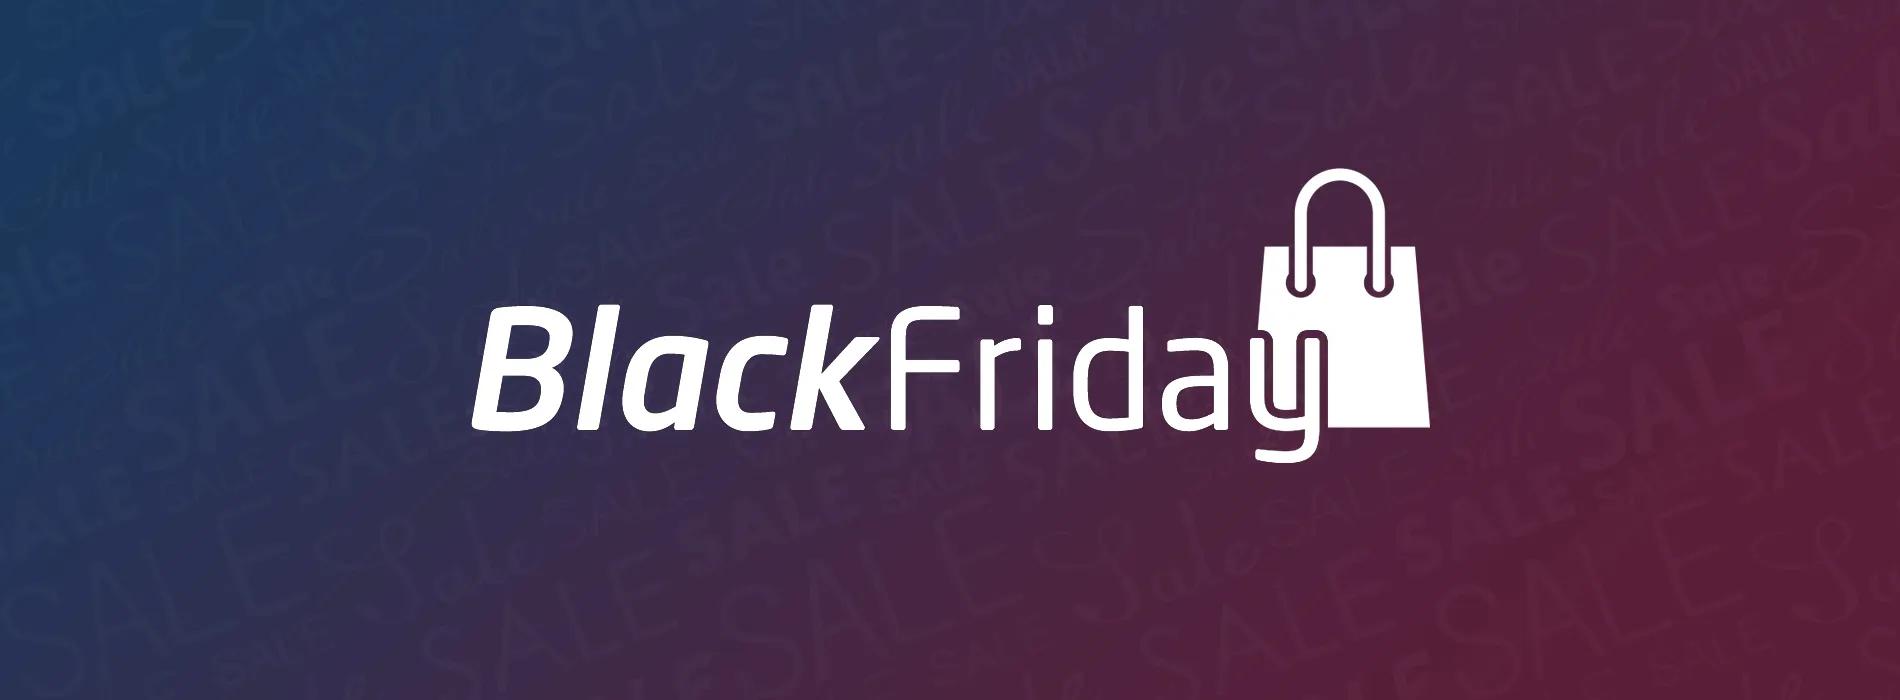 Guida allo sviluppo della migliore strategia di marketing per il Black Friday